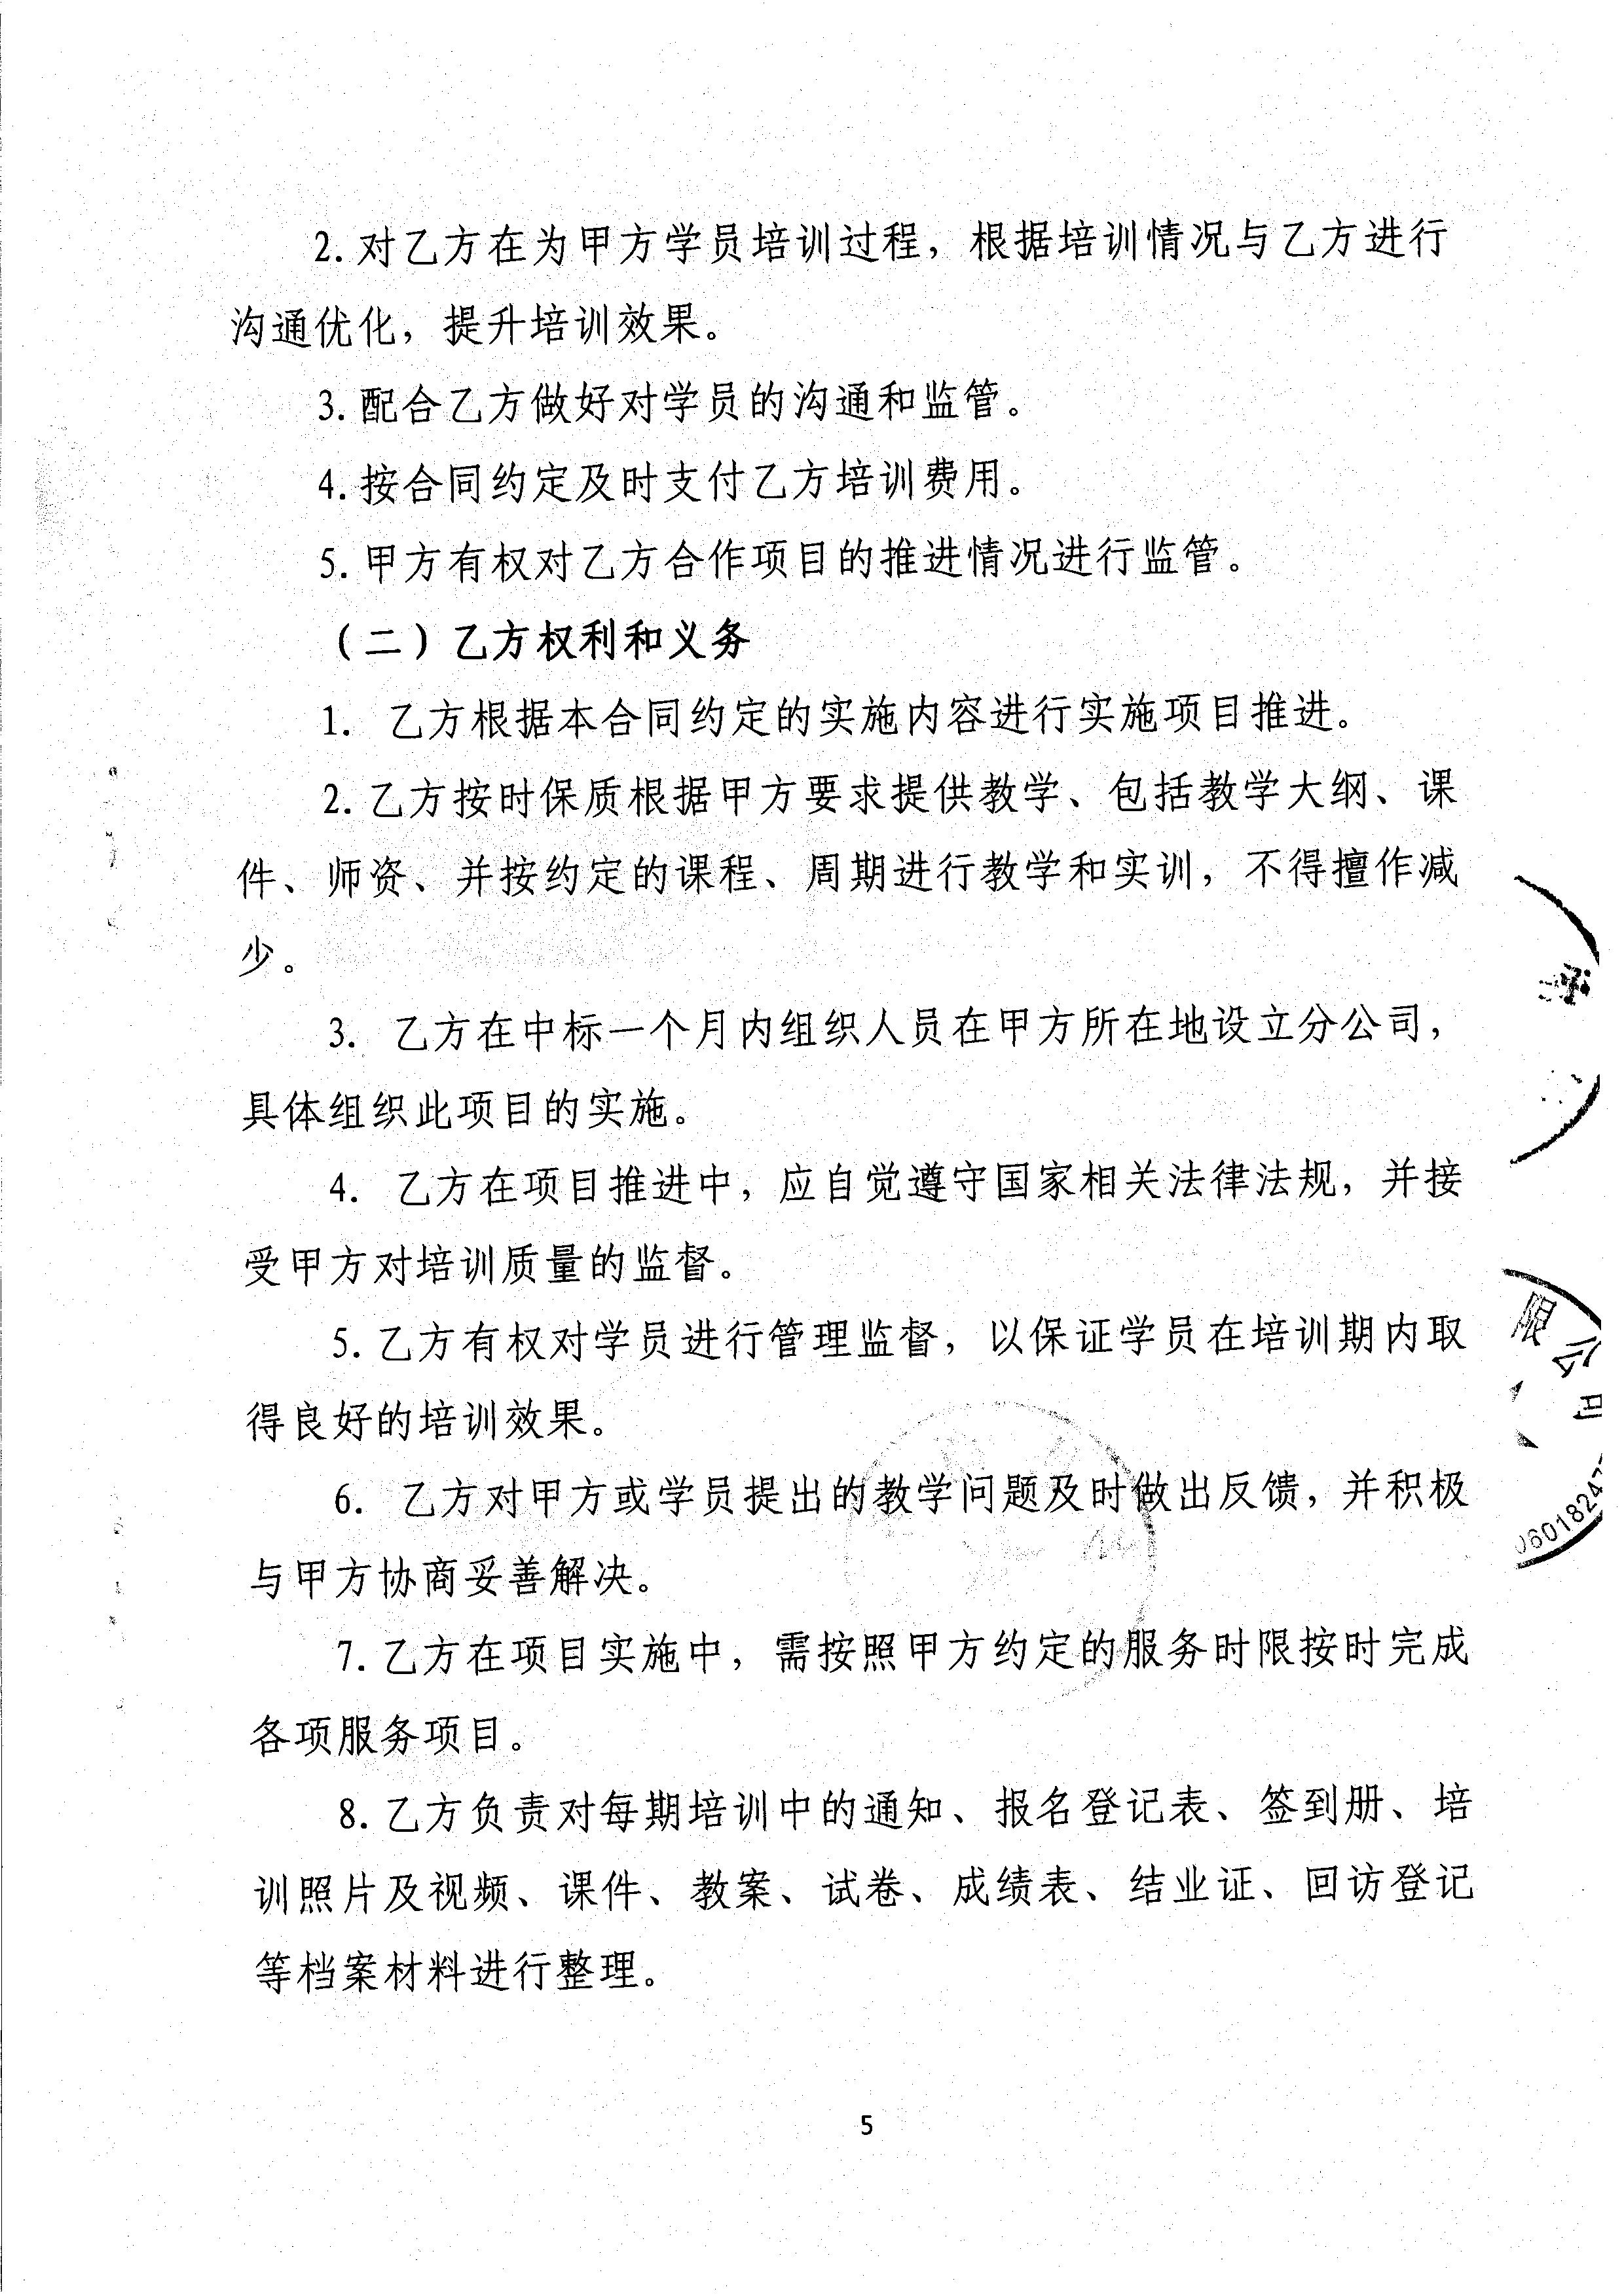 培训合作协议5